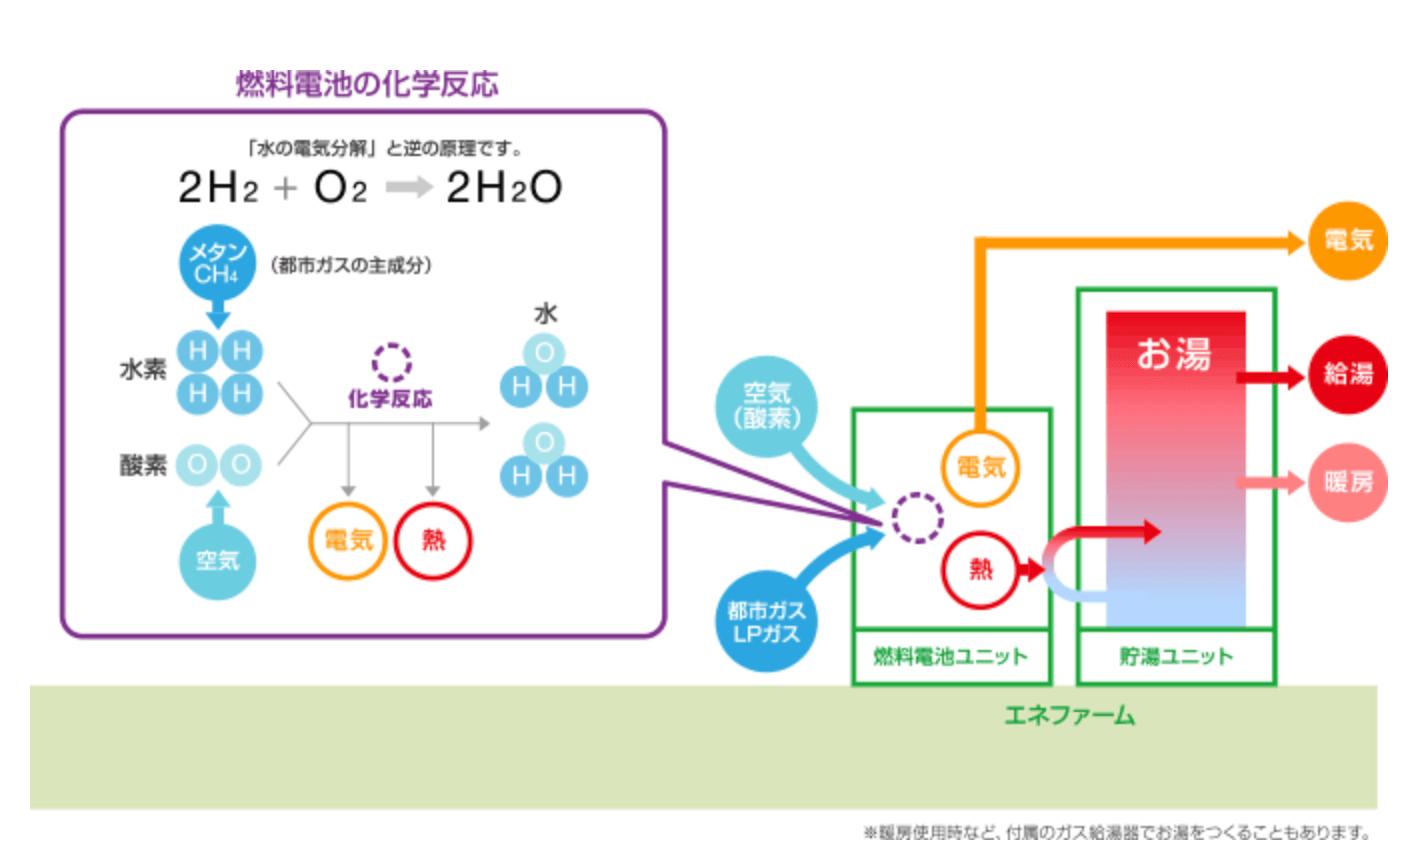 【エネファームとは】発電の仕組み